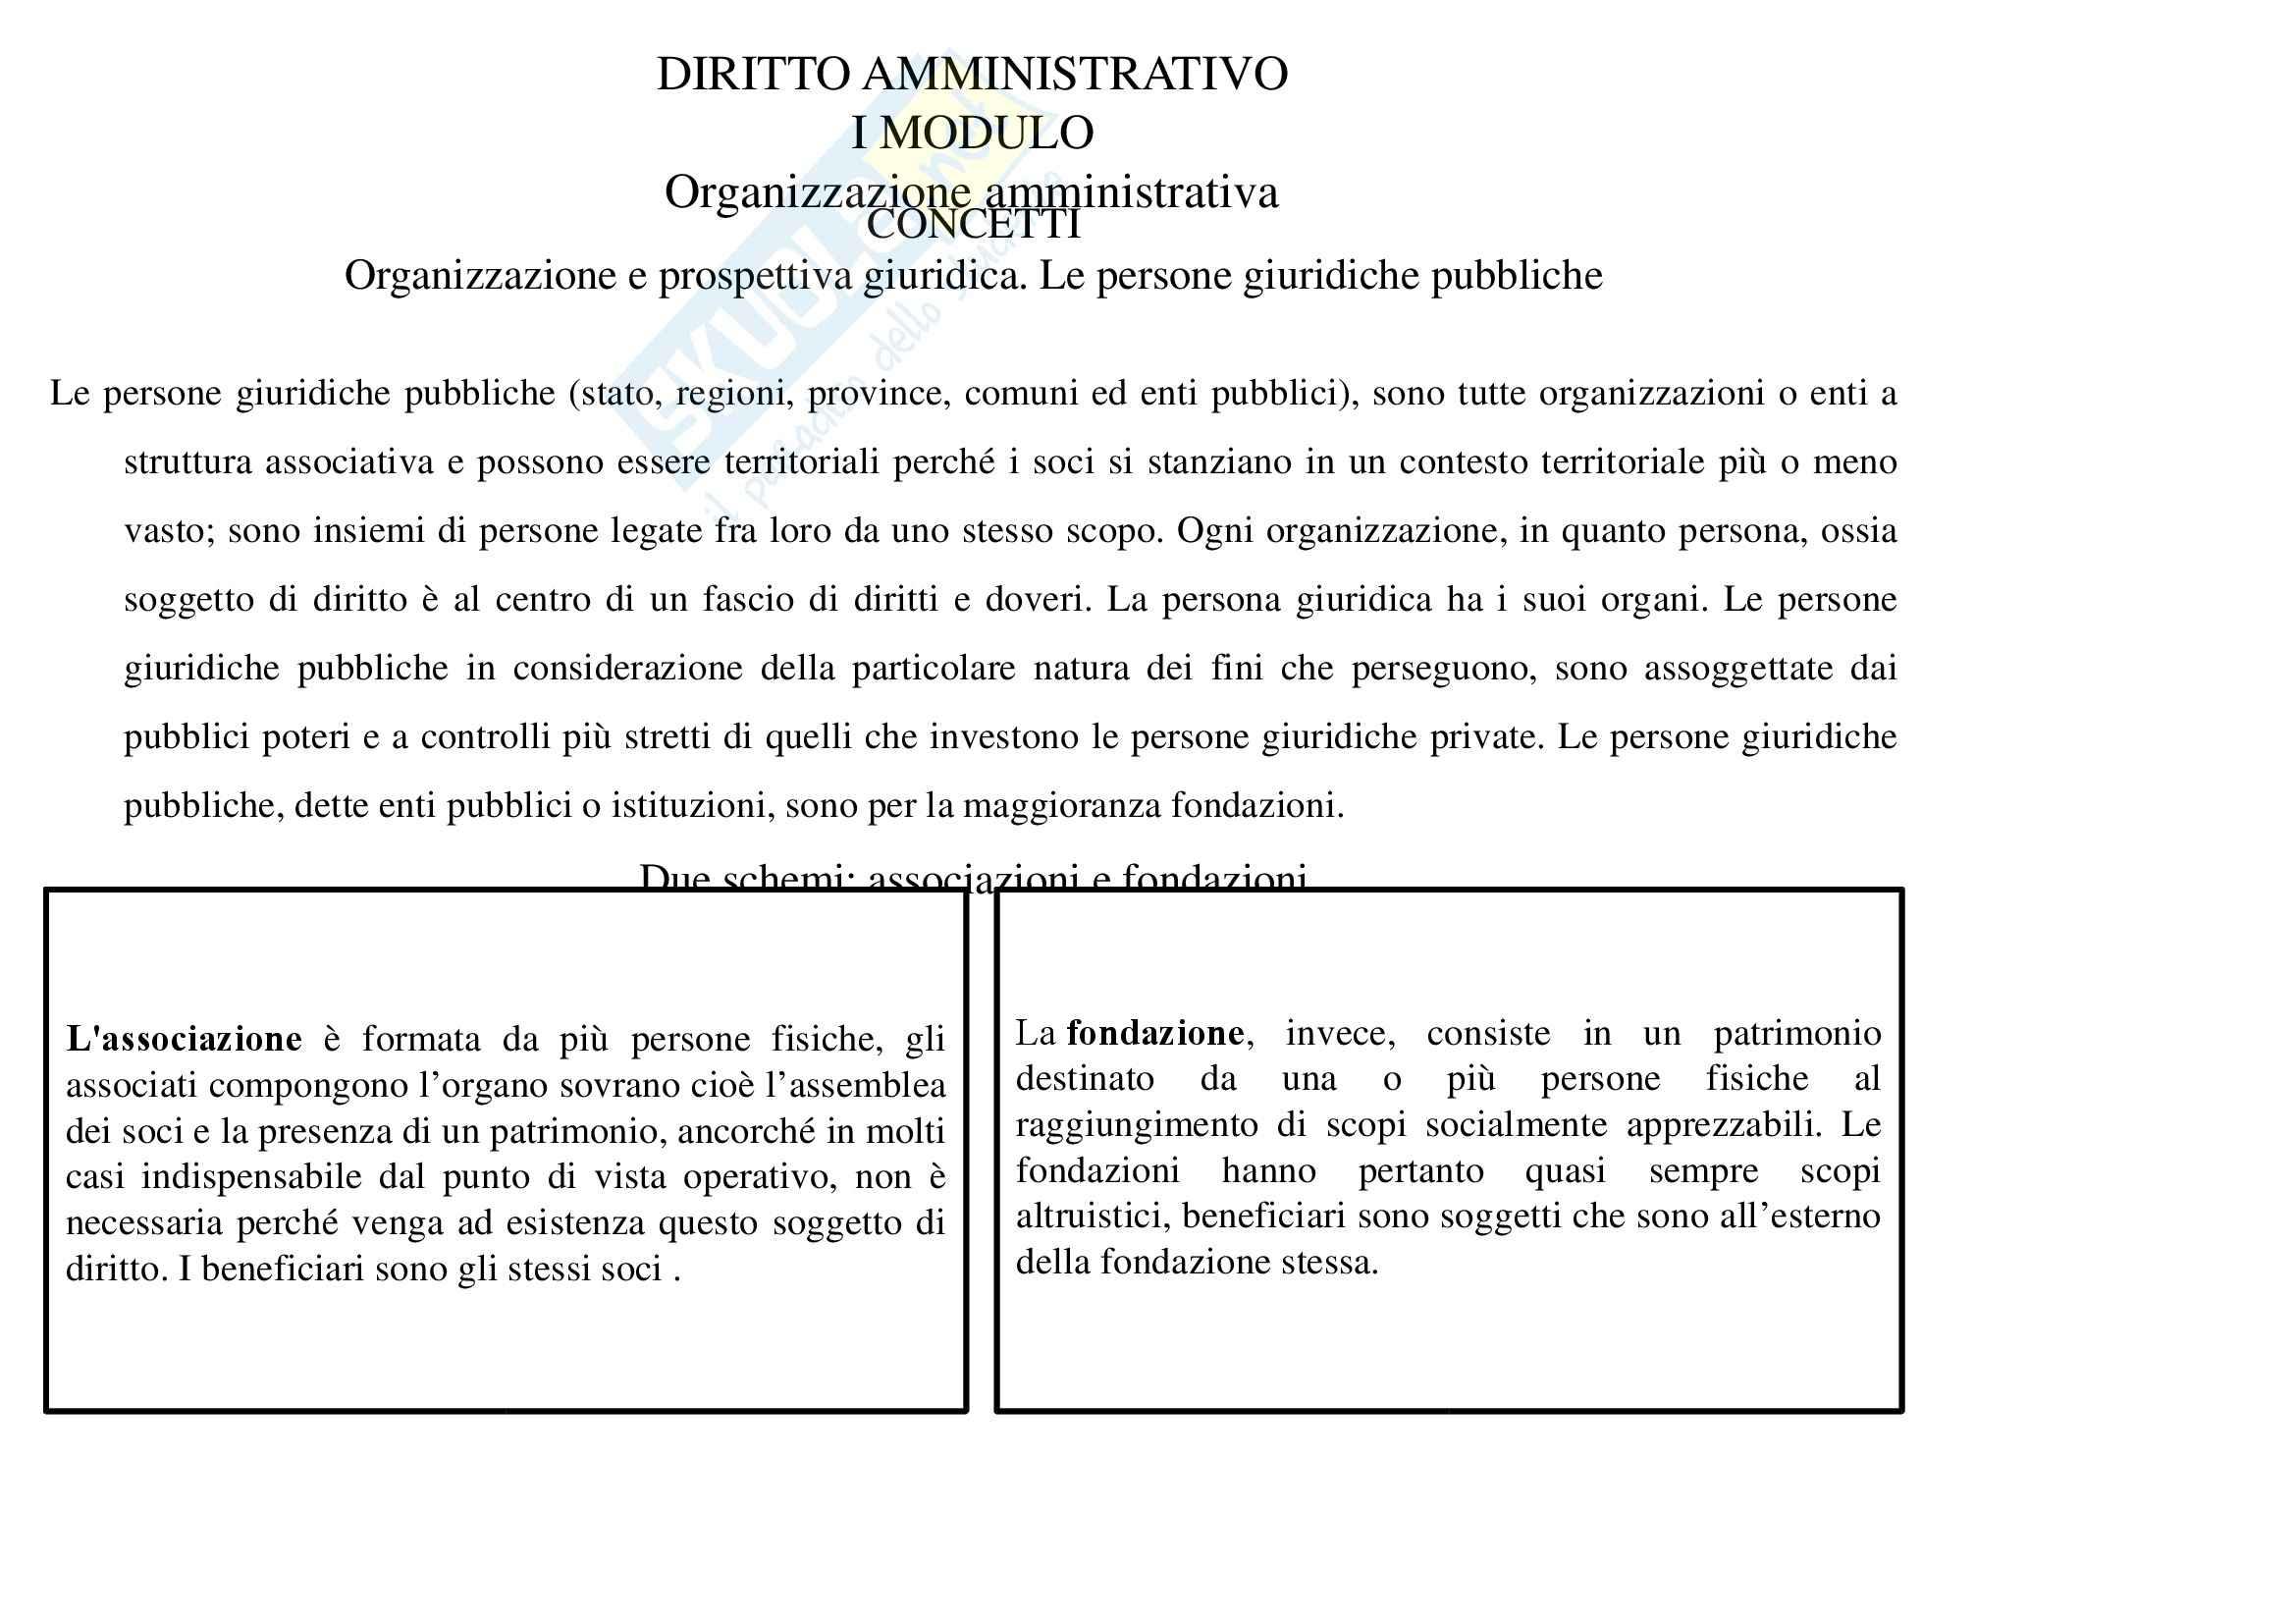 Diritto amministrativo - concetti